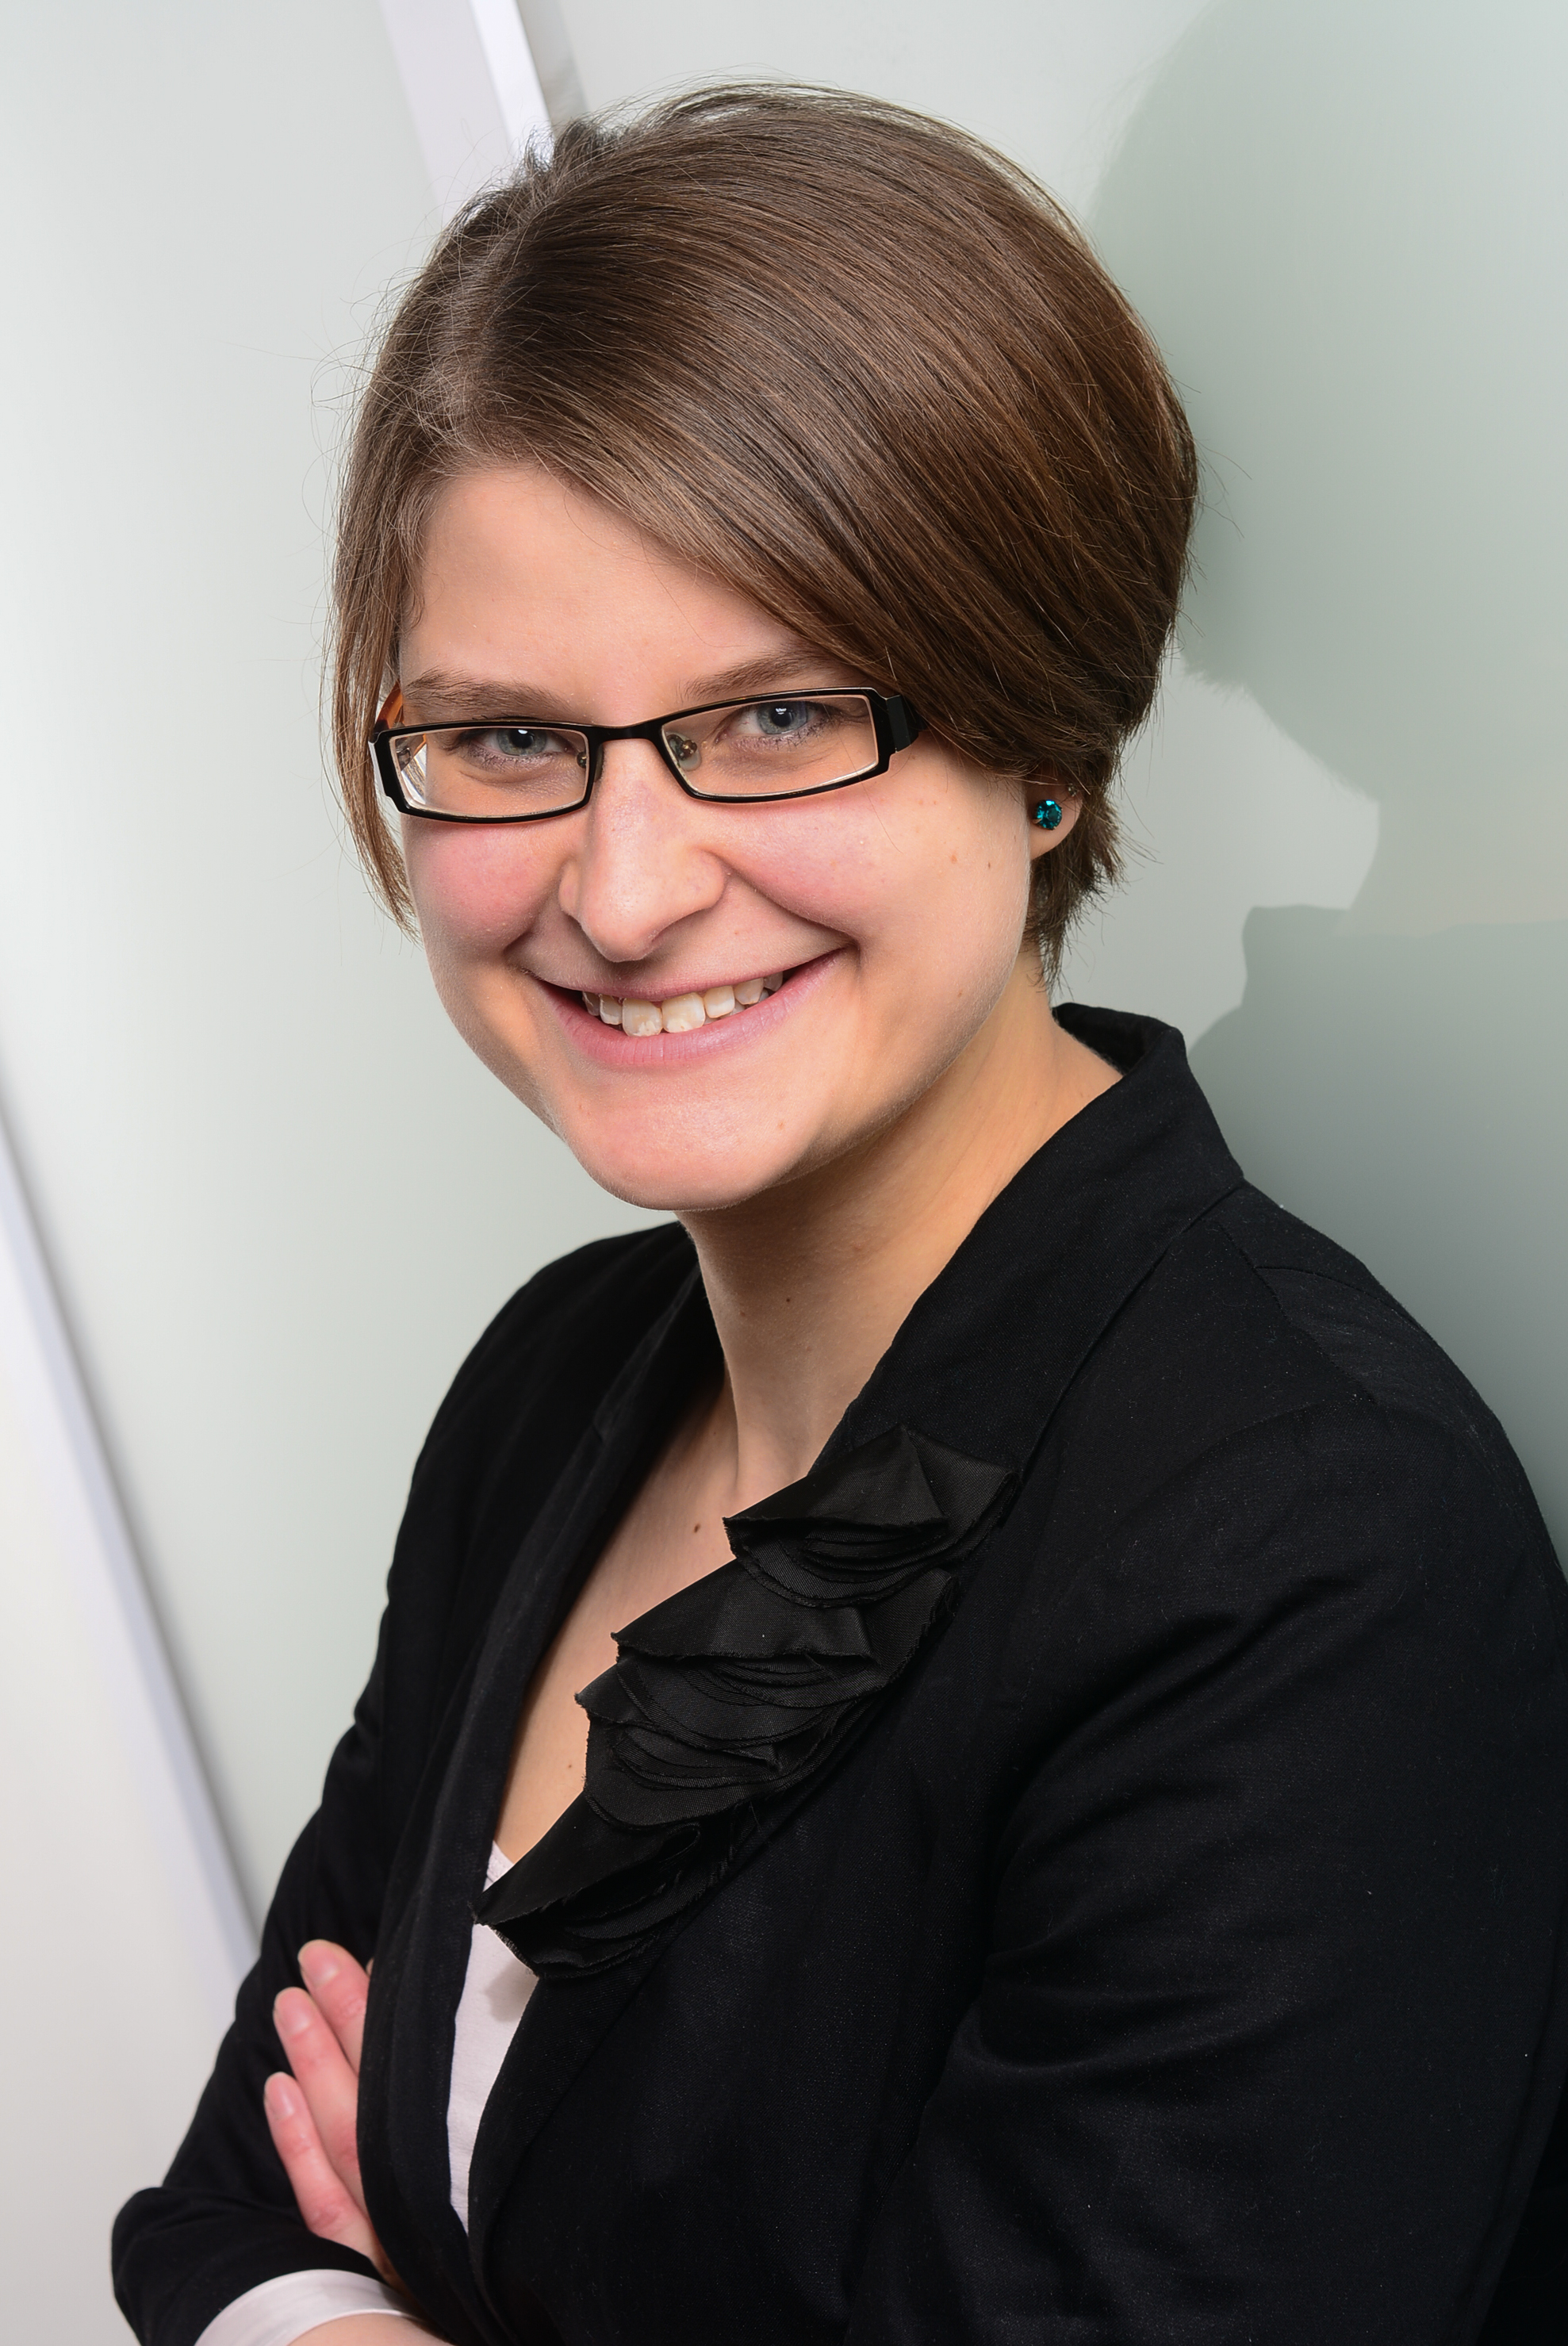 Daniela Vorwerk